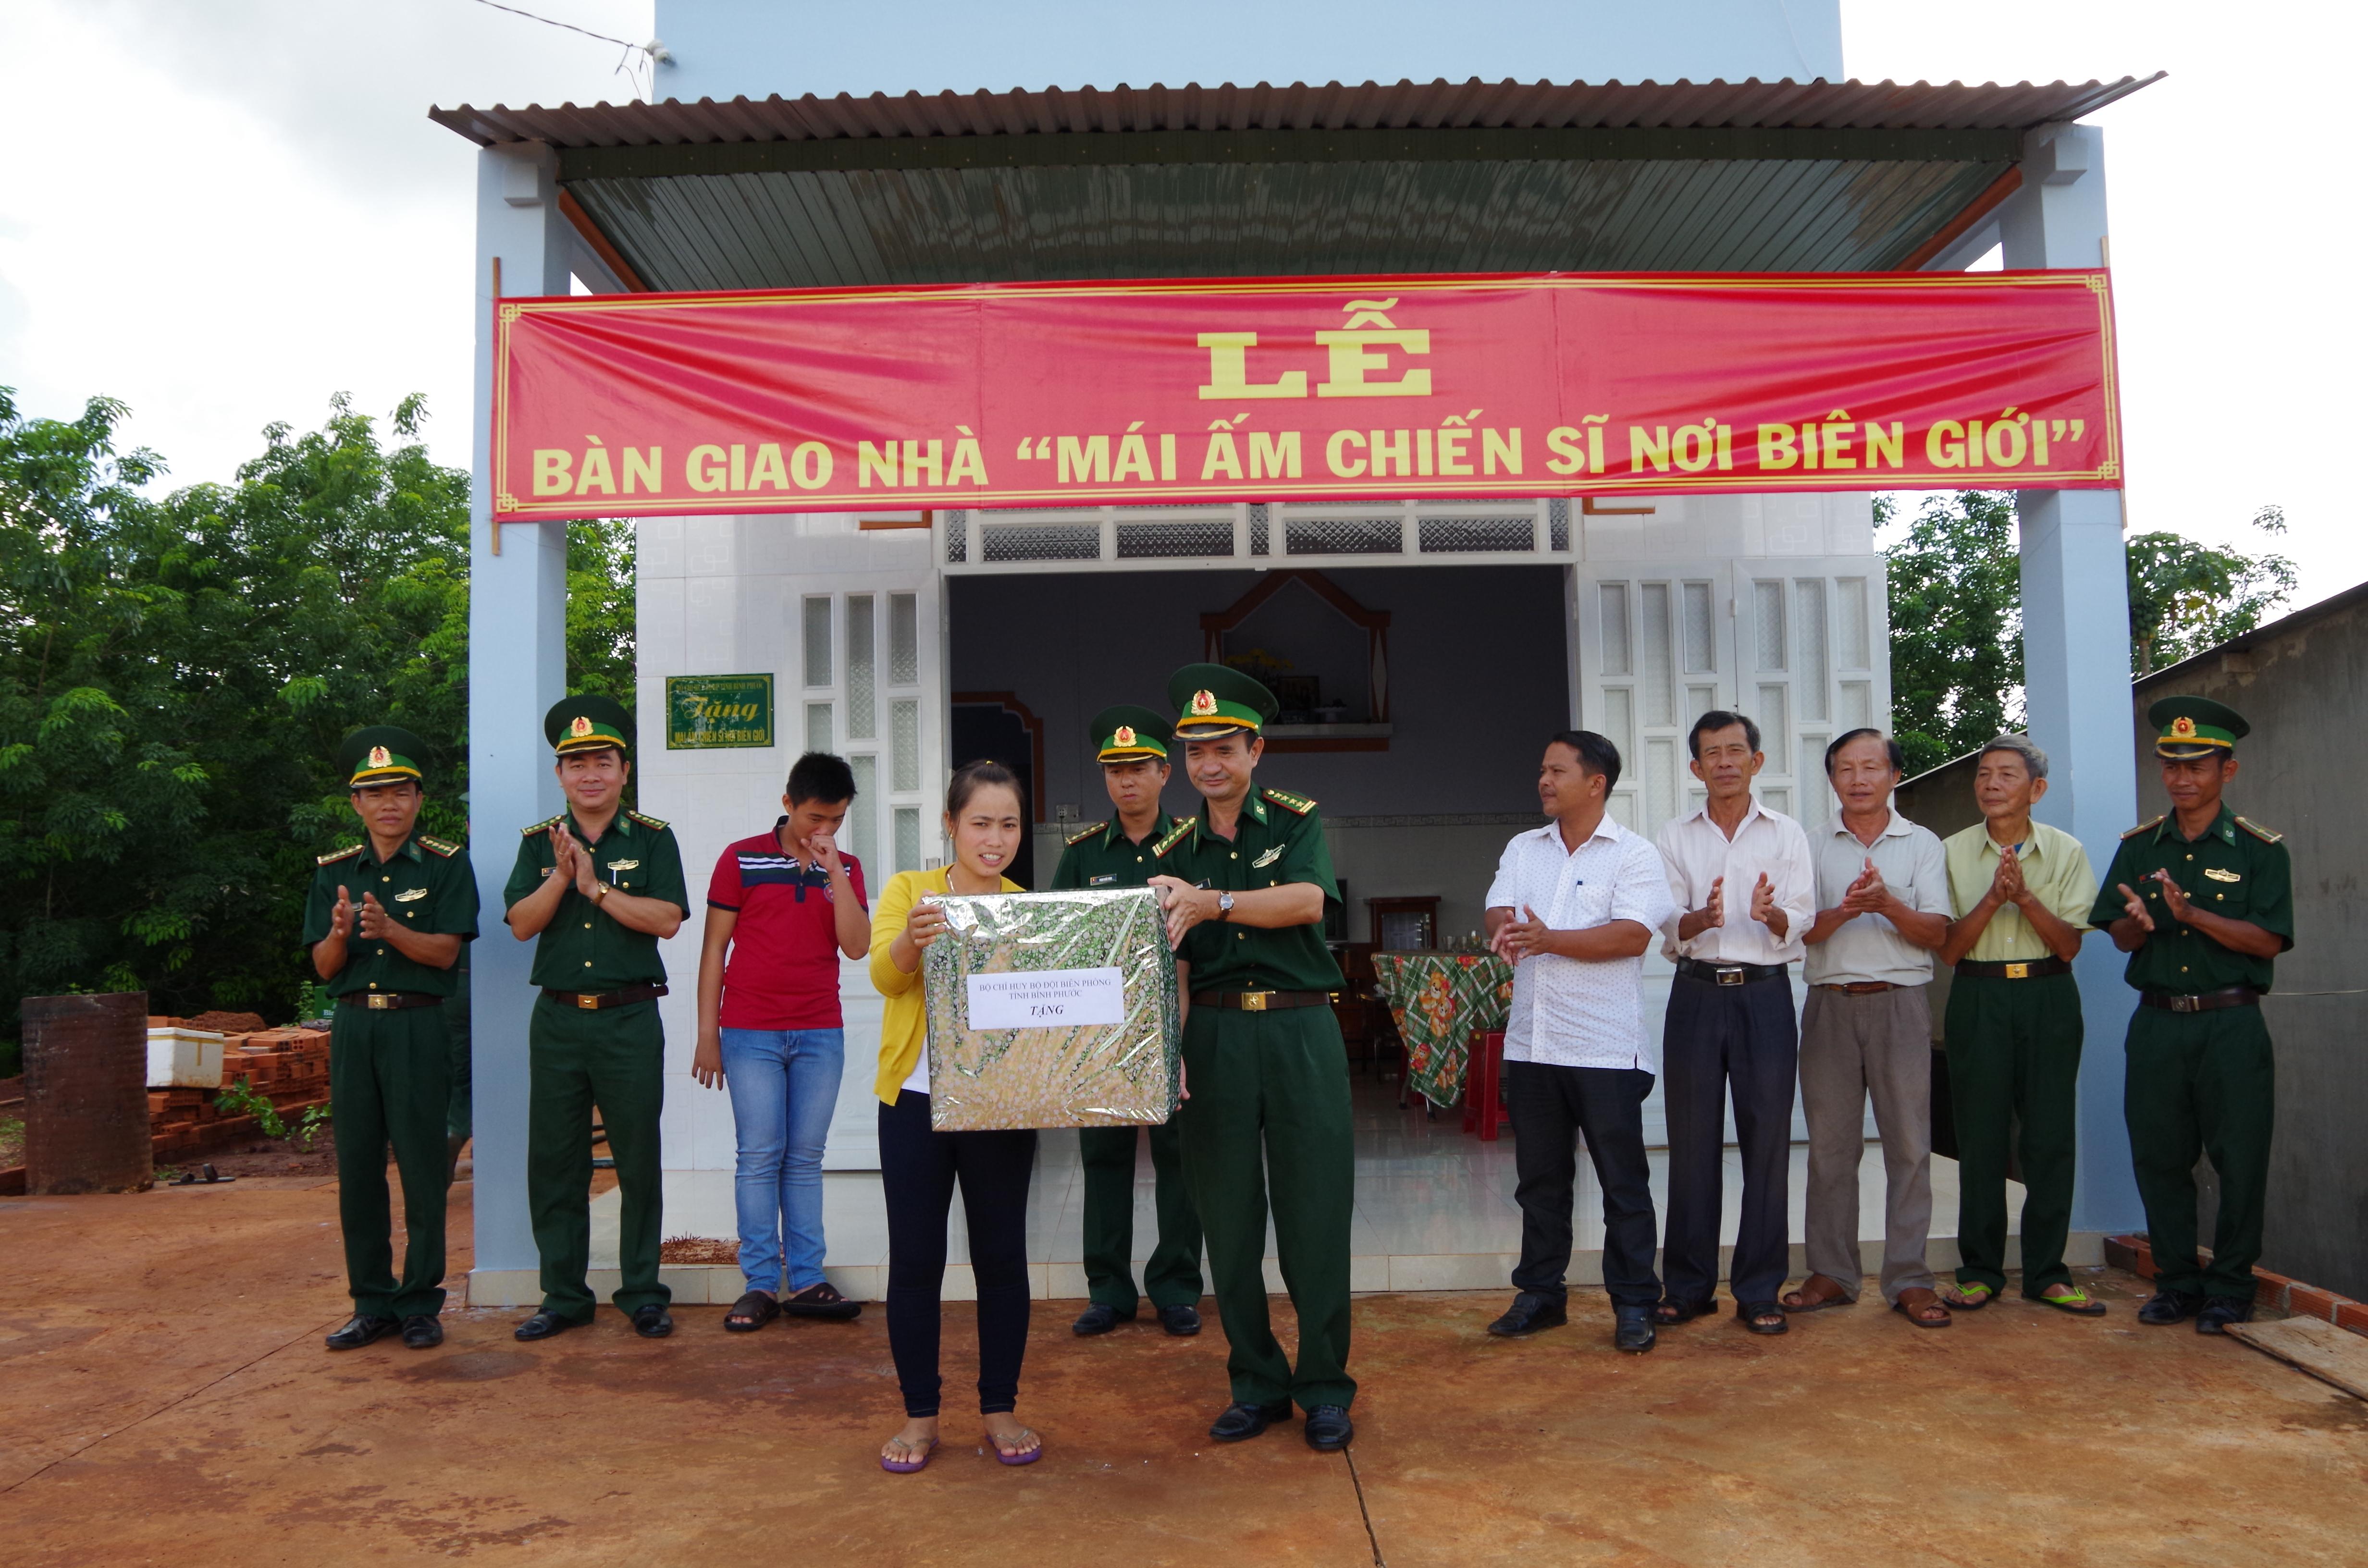 BĐBP Bình Phước bàn giao nhà quotMái ấm chiến sĩ nơi biên giớiquot